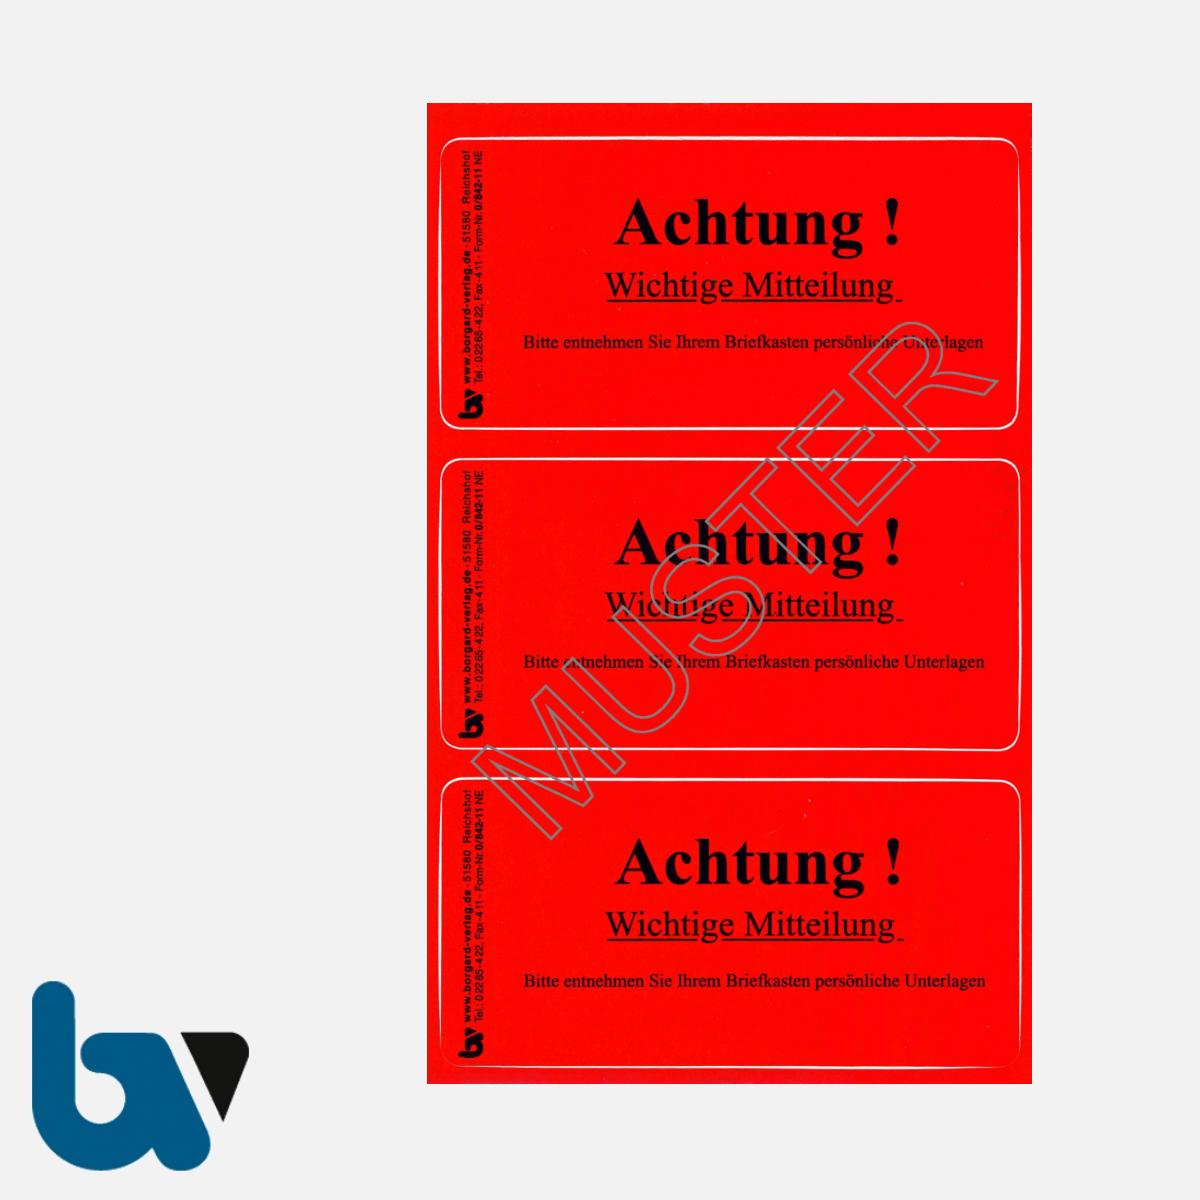 0/842-11 Aufkleber Achtung wichtige Mitteilung Briefkasten Vollstreckung Pfändung Blockierung Kfz Parkkralle pneumatisch Wegfahrsperre Ventilwächter PVC rot | Borgard Verlag GmbH